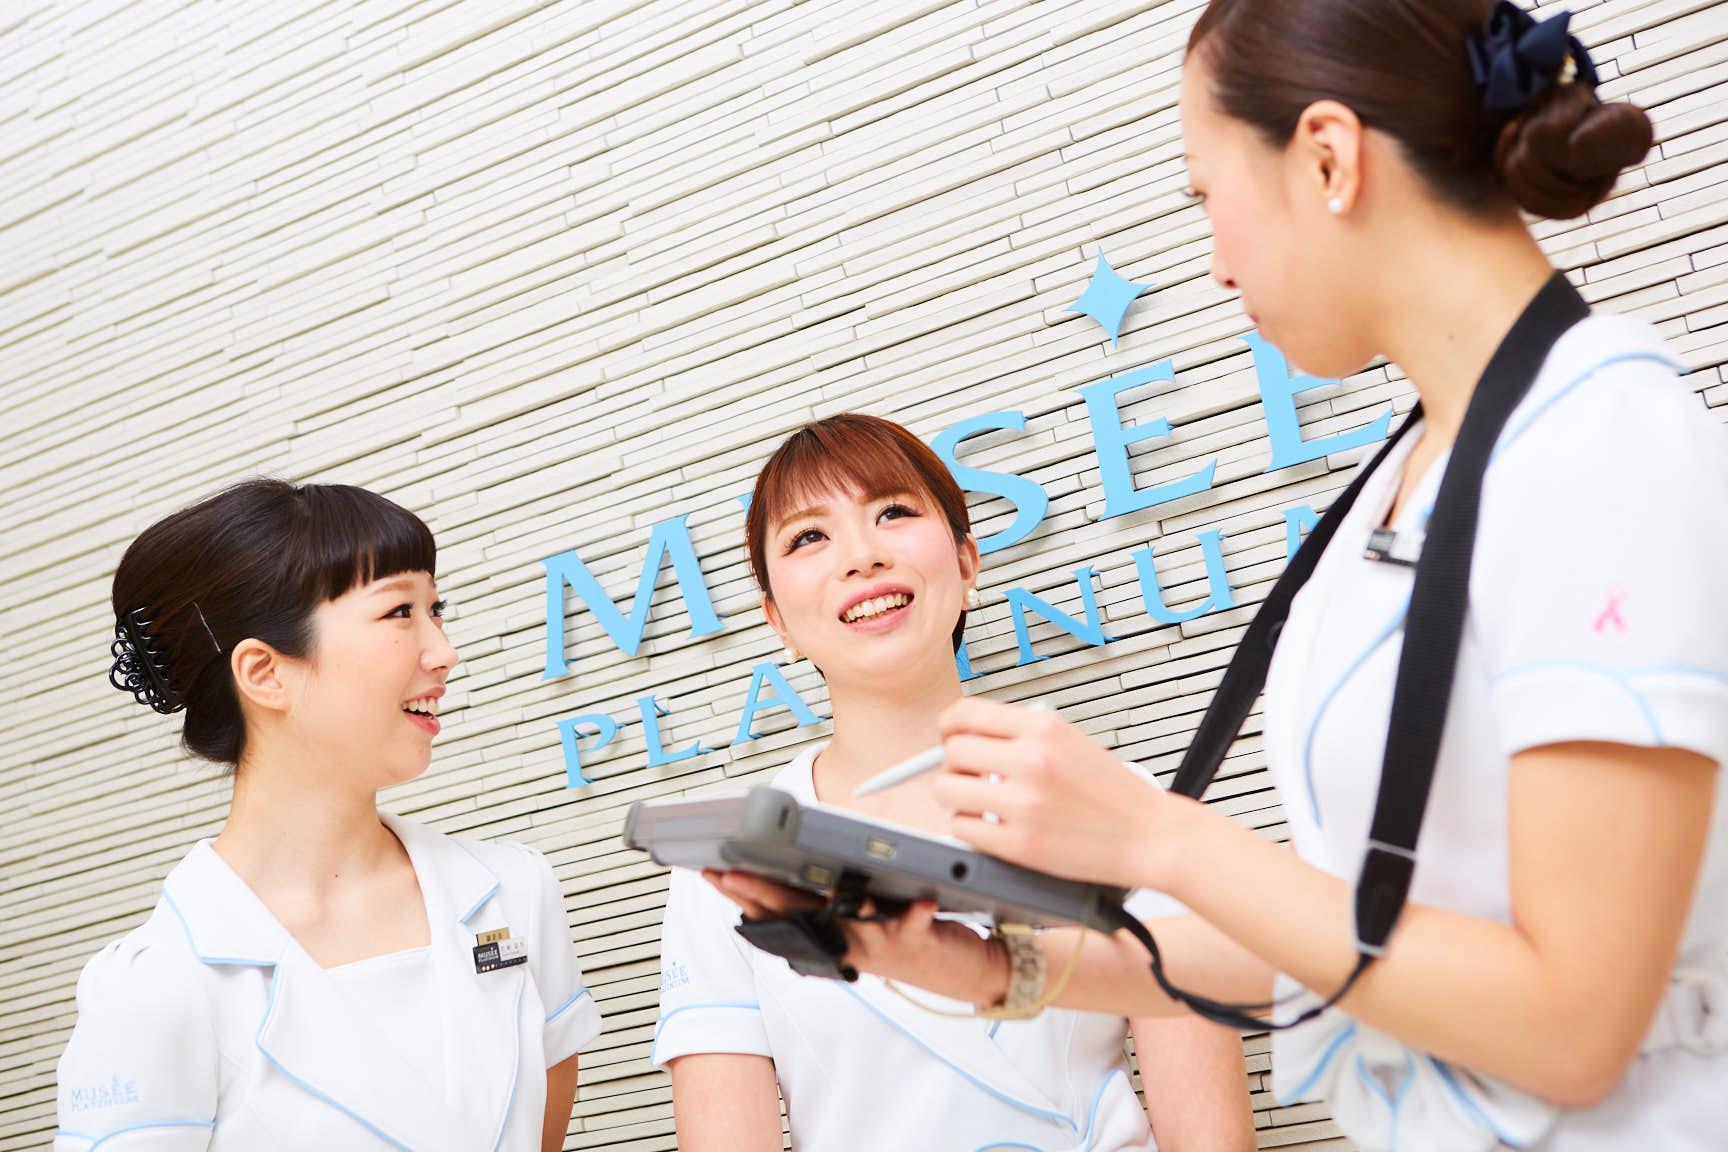 ミュゼプラチナム 熊本アウネ店のアルバイト情報